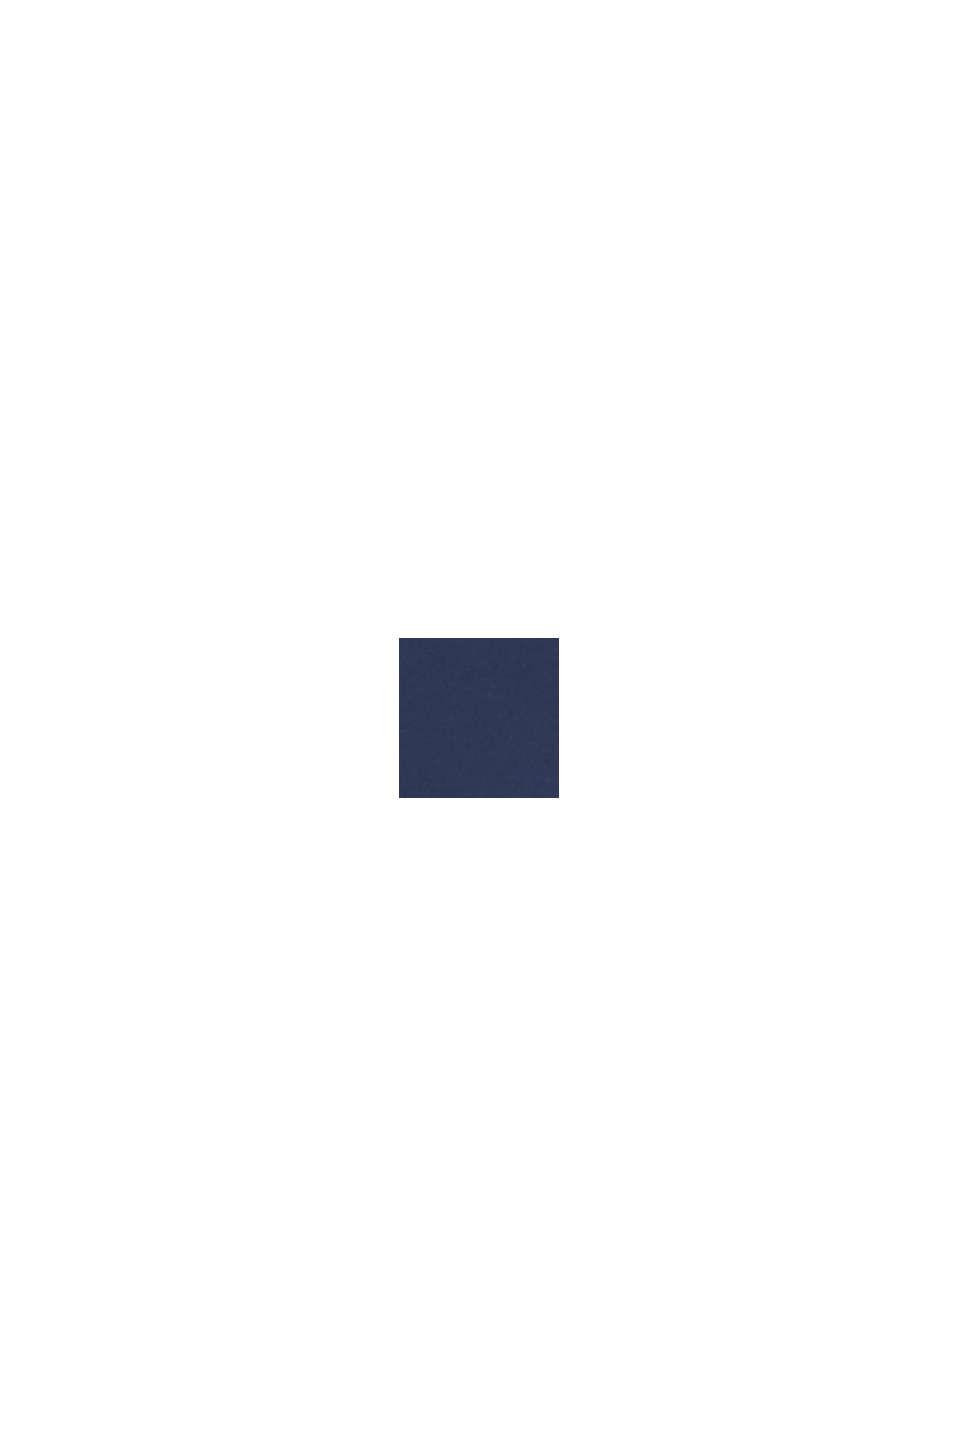 Jersey-Stretch-Kleid mit Spitze, NIGHT BLUE, swatch